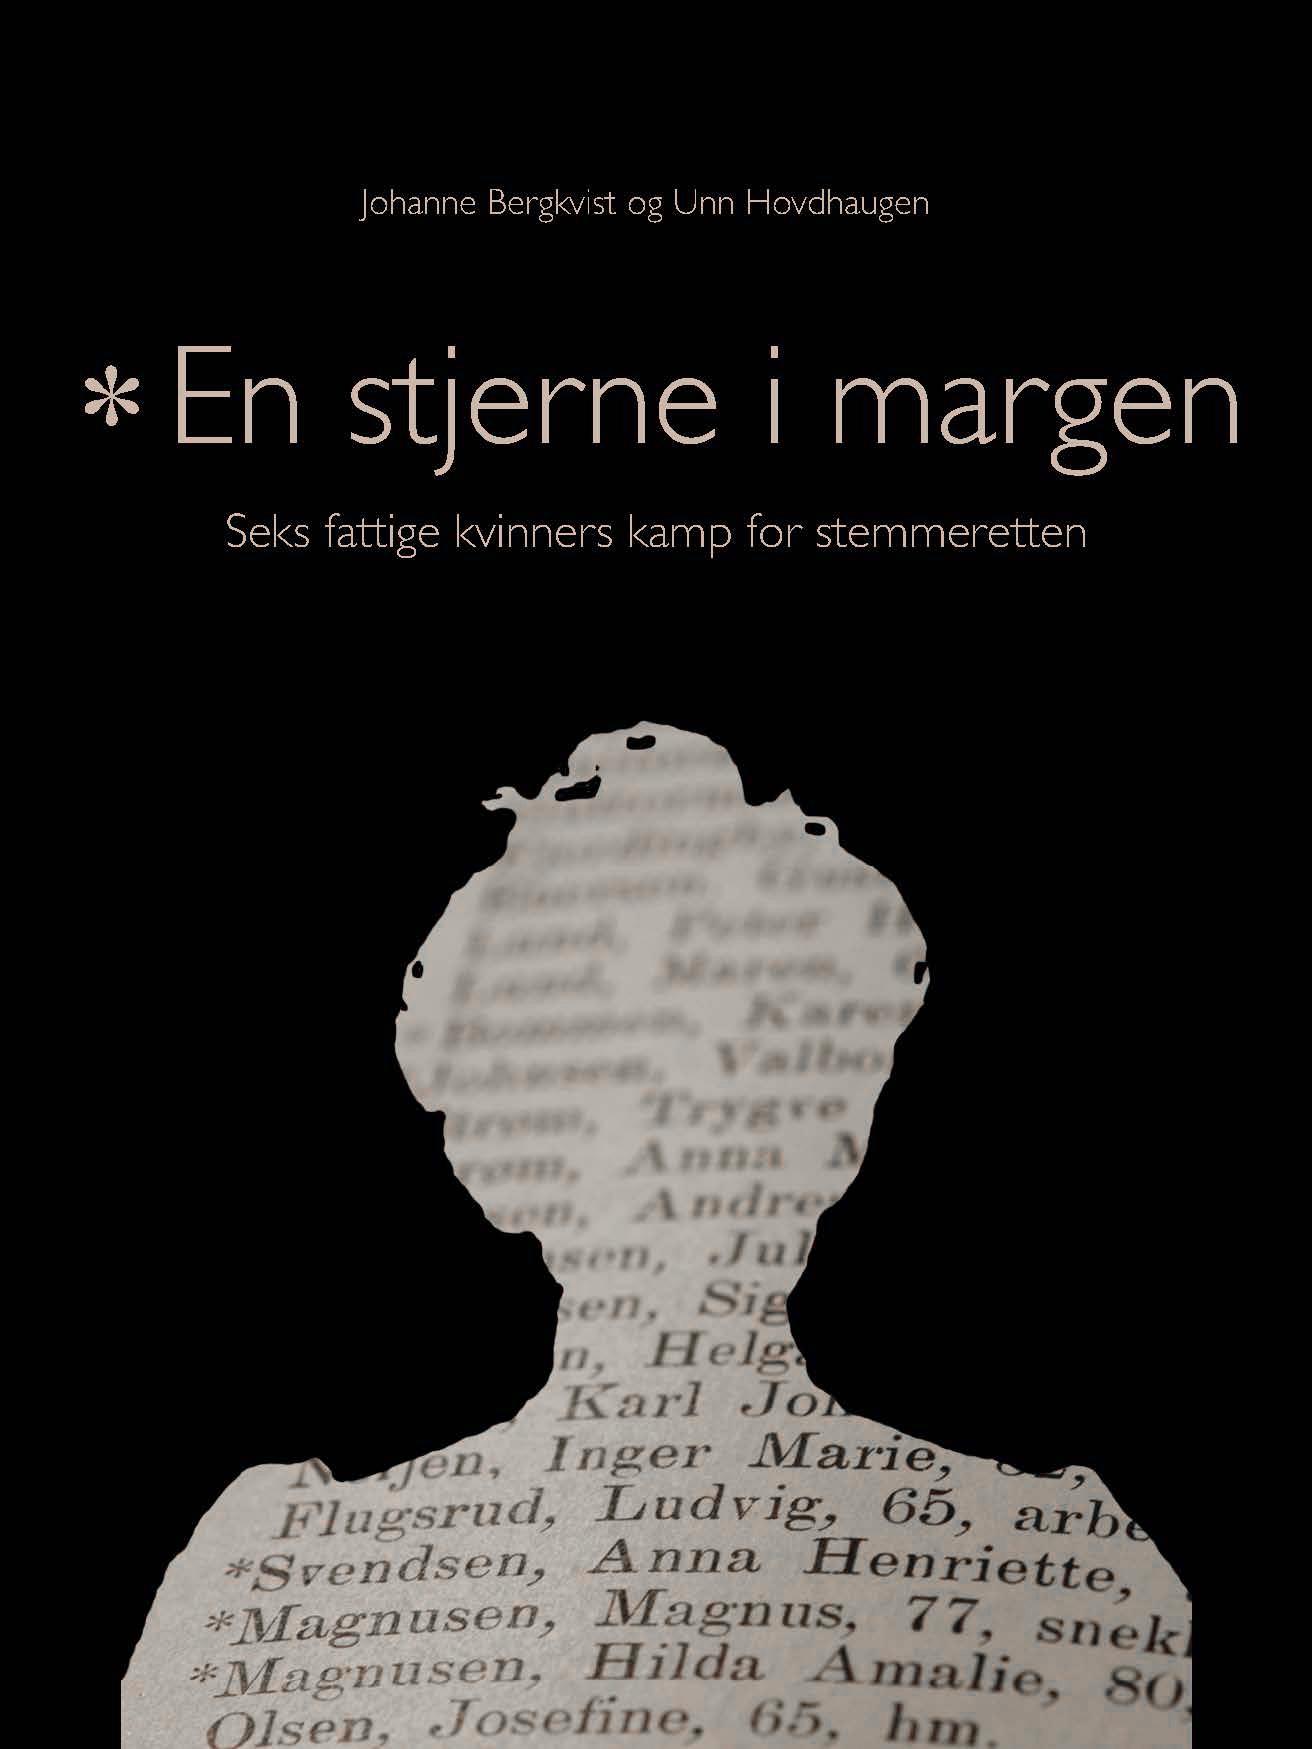 Johanne Bergkvist, Unn Hovdhaugen: En stemme i margen - Seks fattige kvinners kamp for stemmeretten